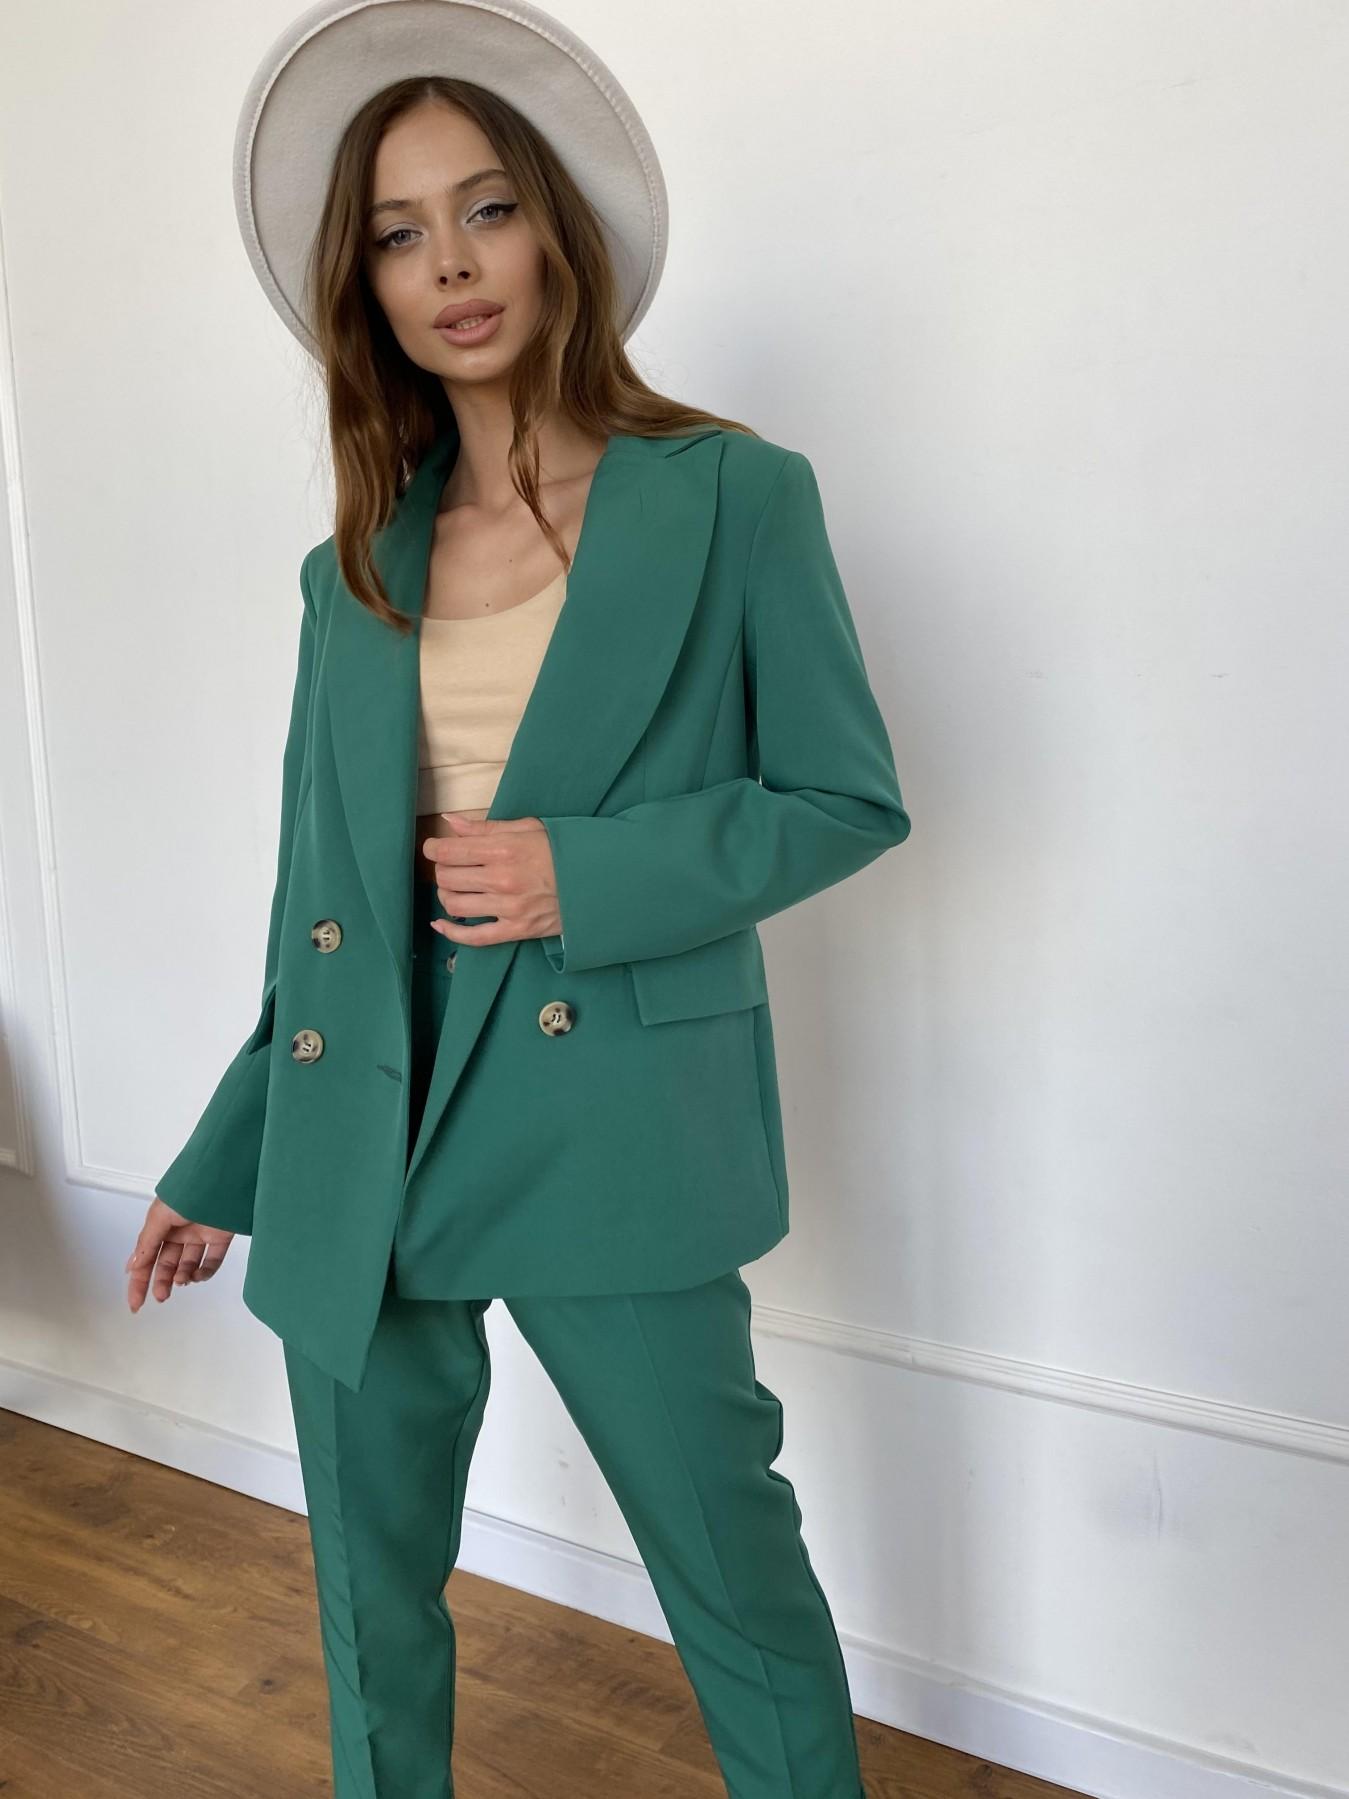 Франко костюм из костюмной ткани 11090 АРТ. 47898 Цвет: Зеленый - фото 2, интернет магазин tm-modus.ru